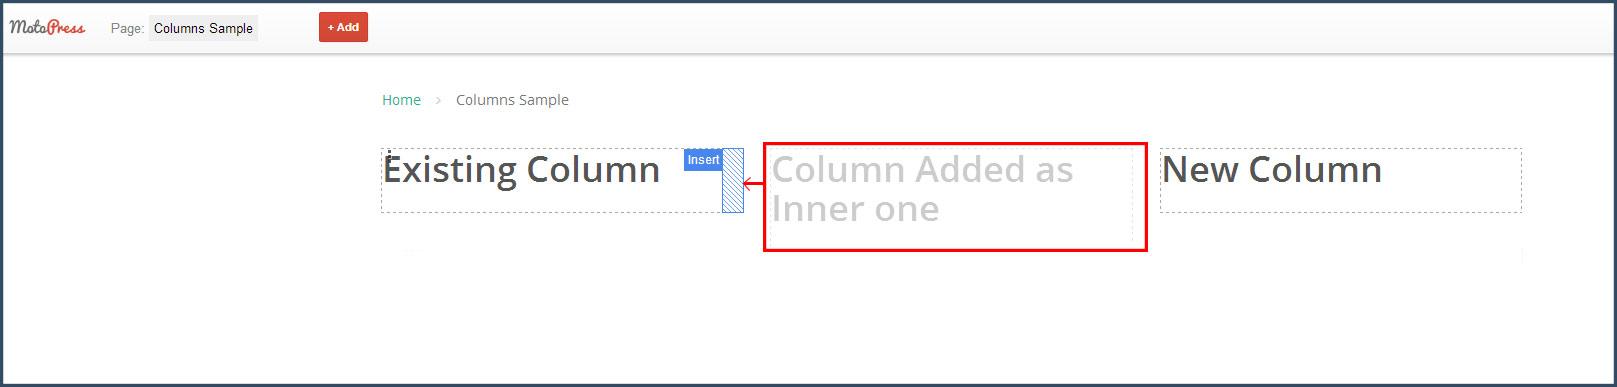 ce-add-inner-column.jpg